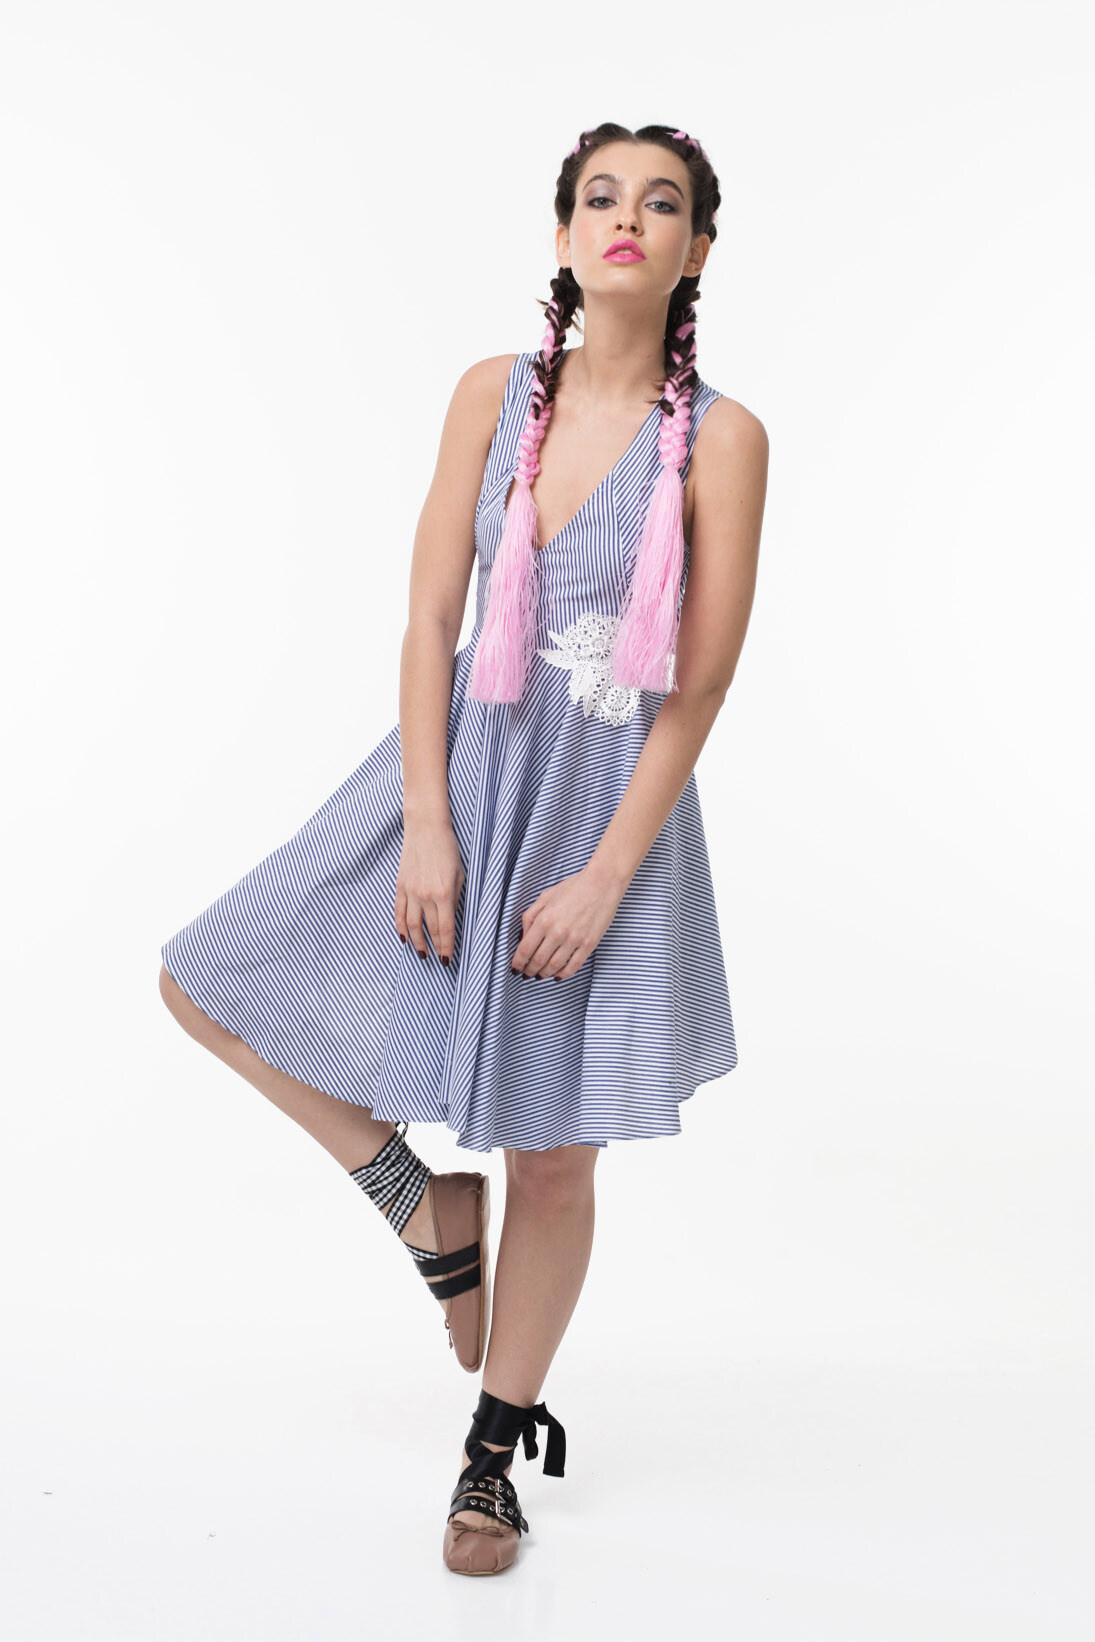 55a8ef94e04e Платье Sandro 4873 - купить в Киеве, низкие цены в Одессе и Украине ...